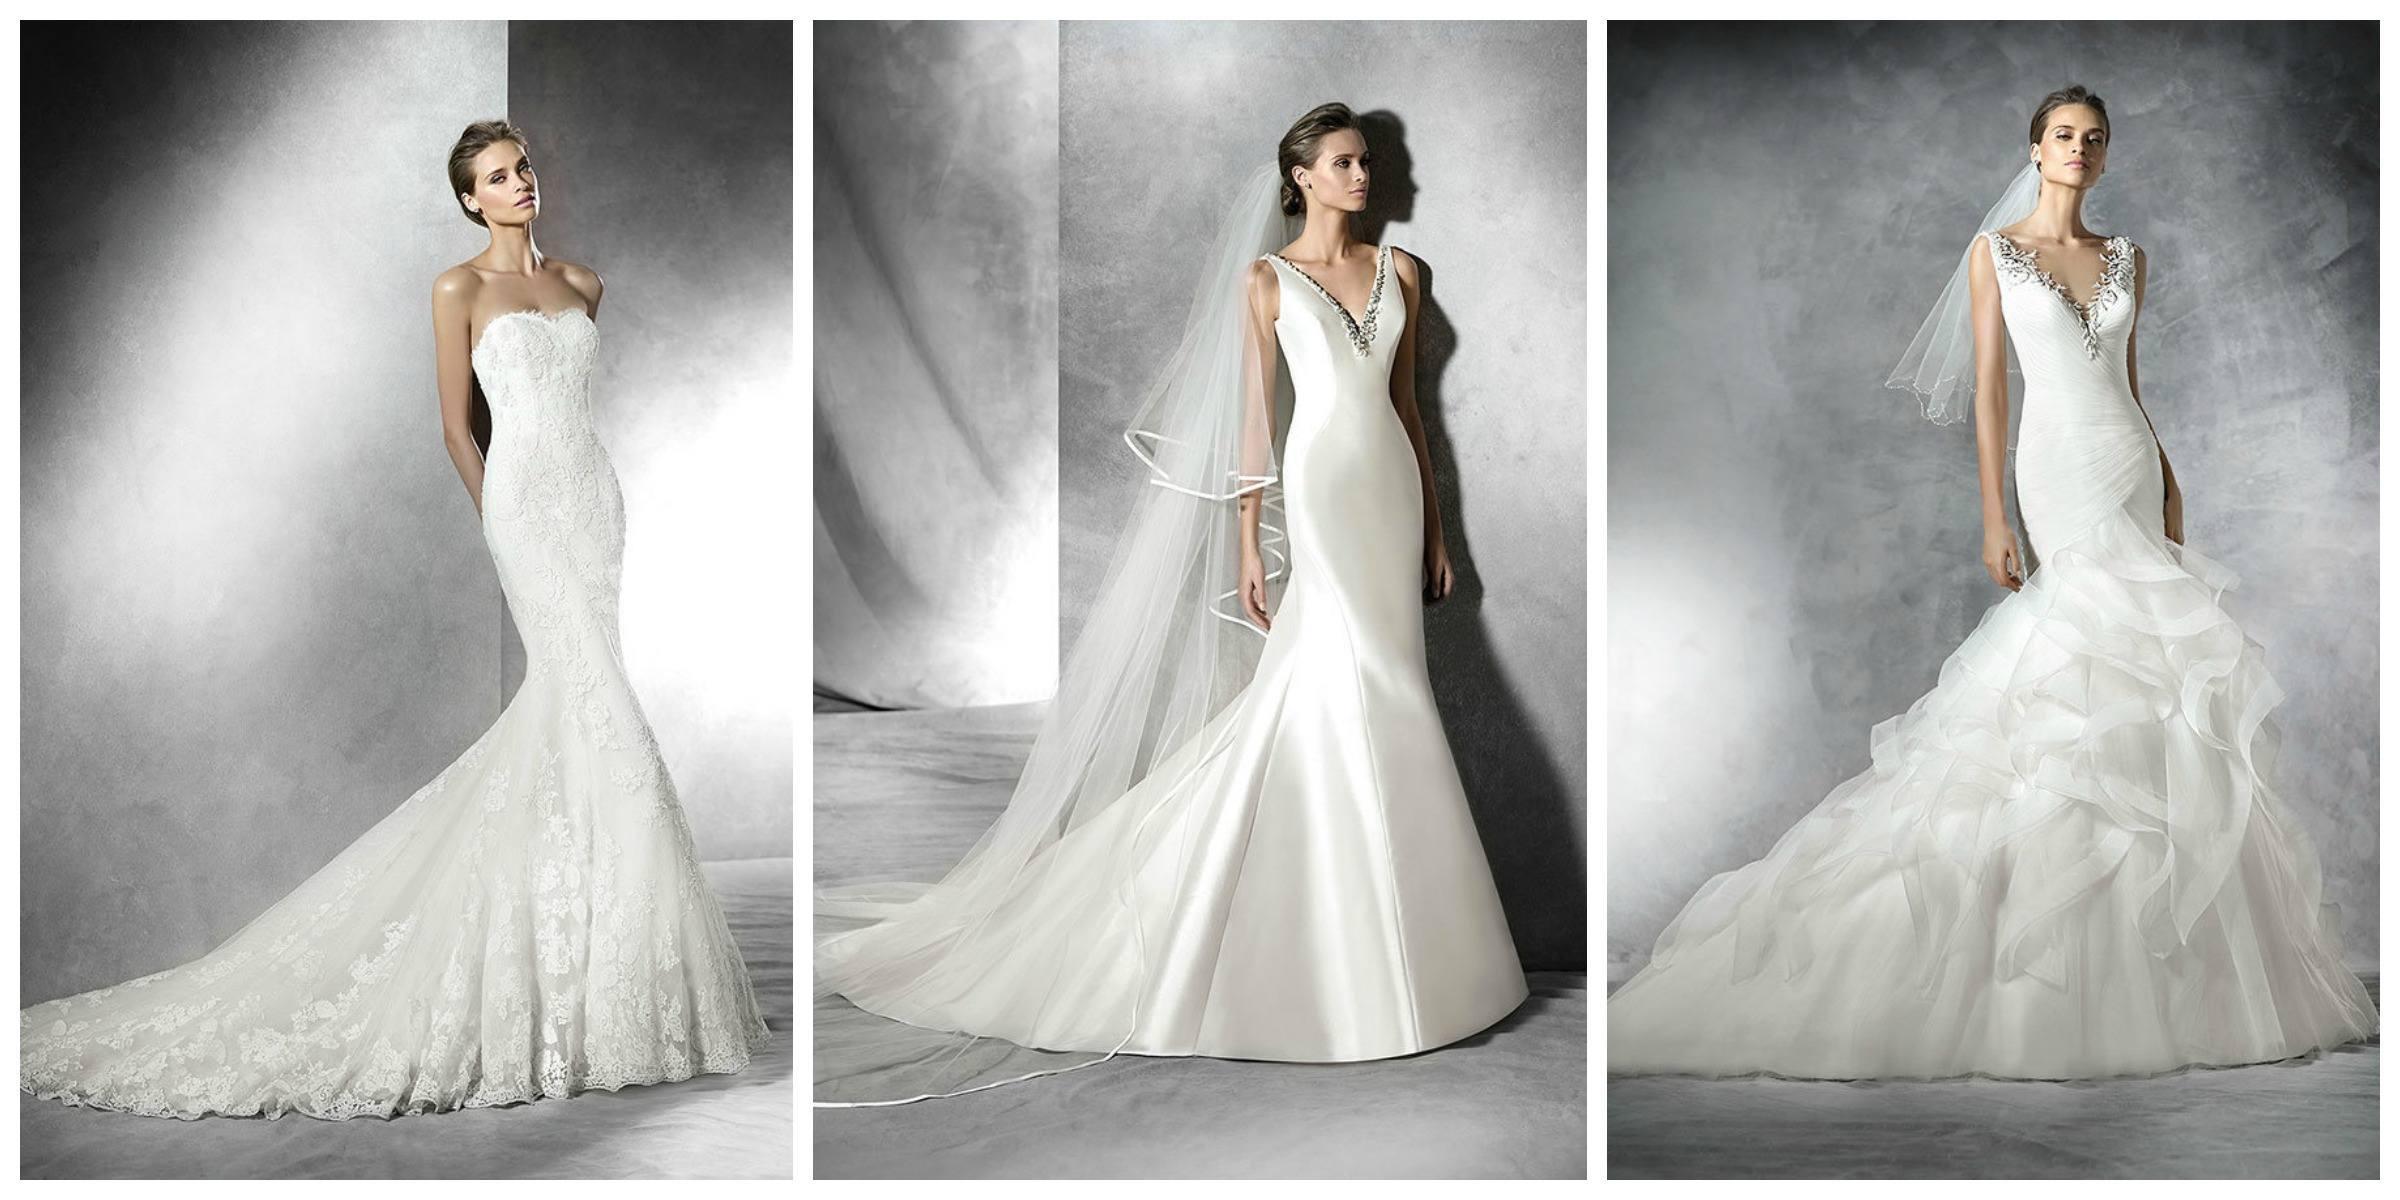 db270ed611b6 Pronovias abiti da sposa collezione 2016 - Lei Trendy